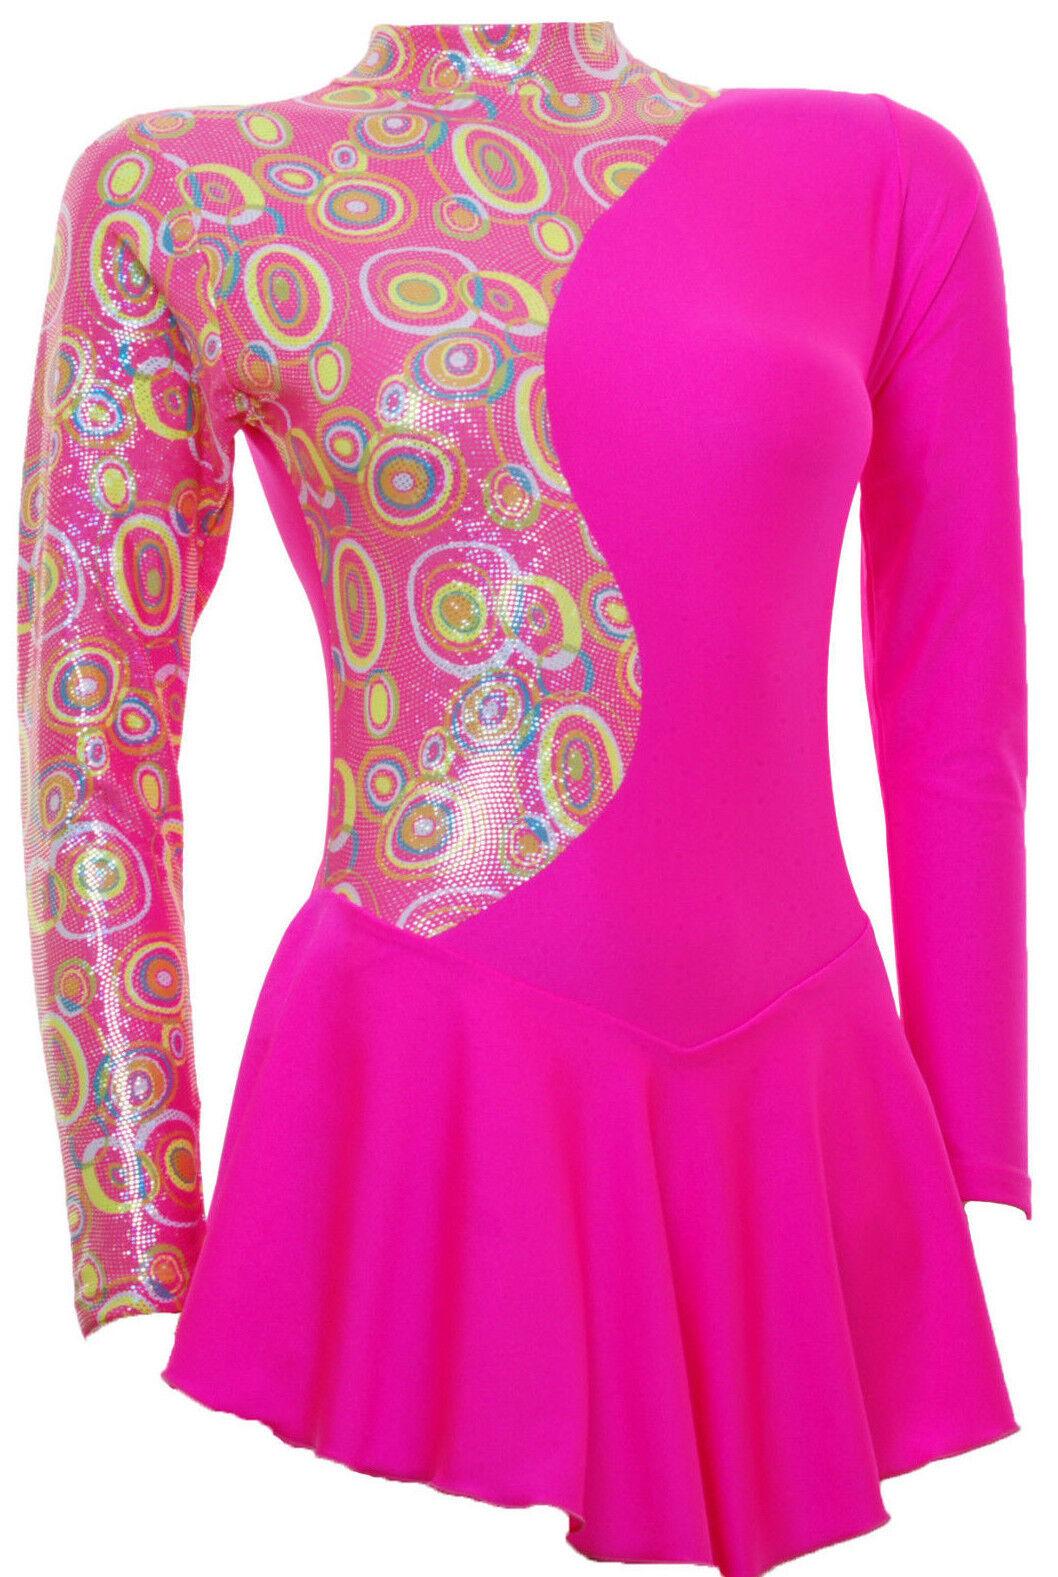 Skating Dress - Pink Multi Hologram Toffee Pink Lycra L S(S1000)